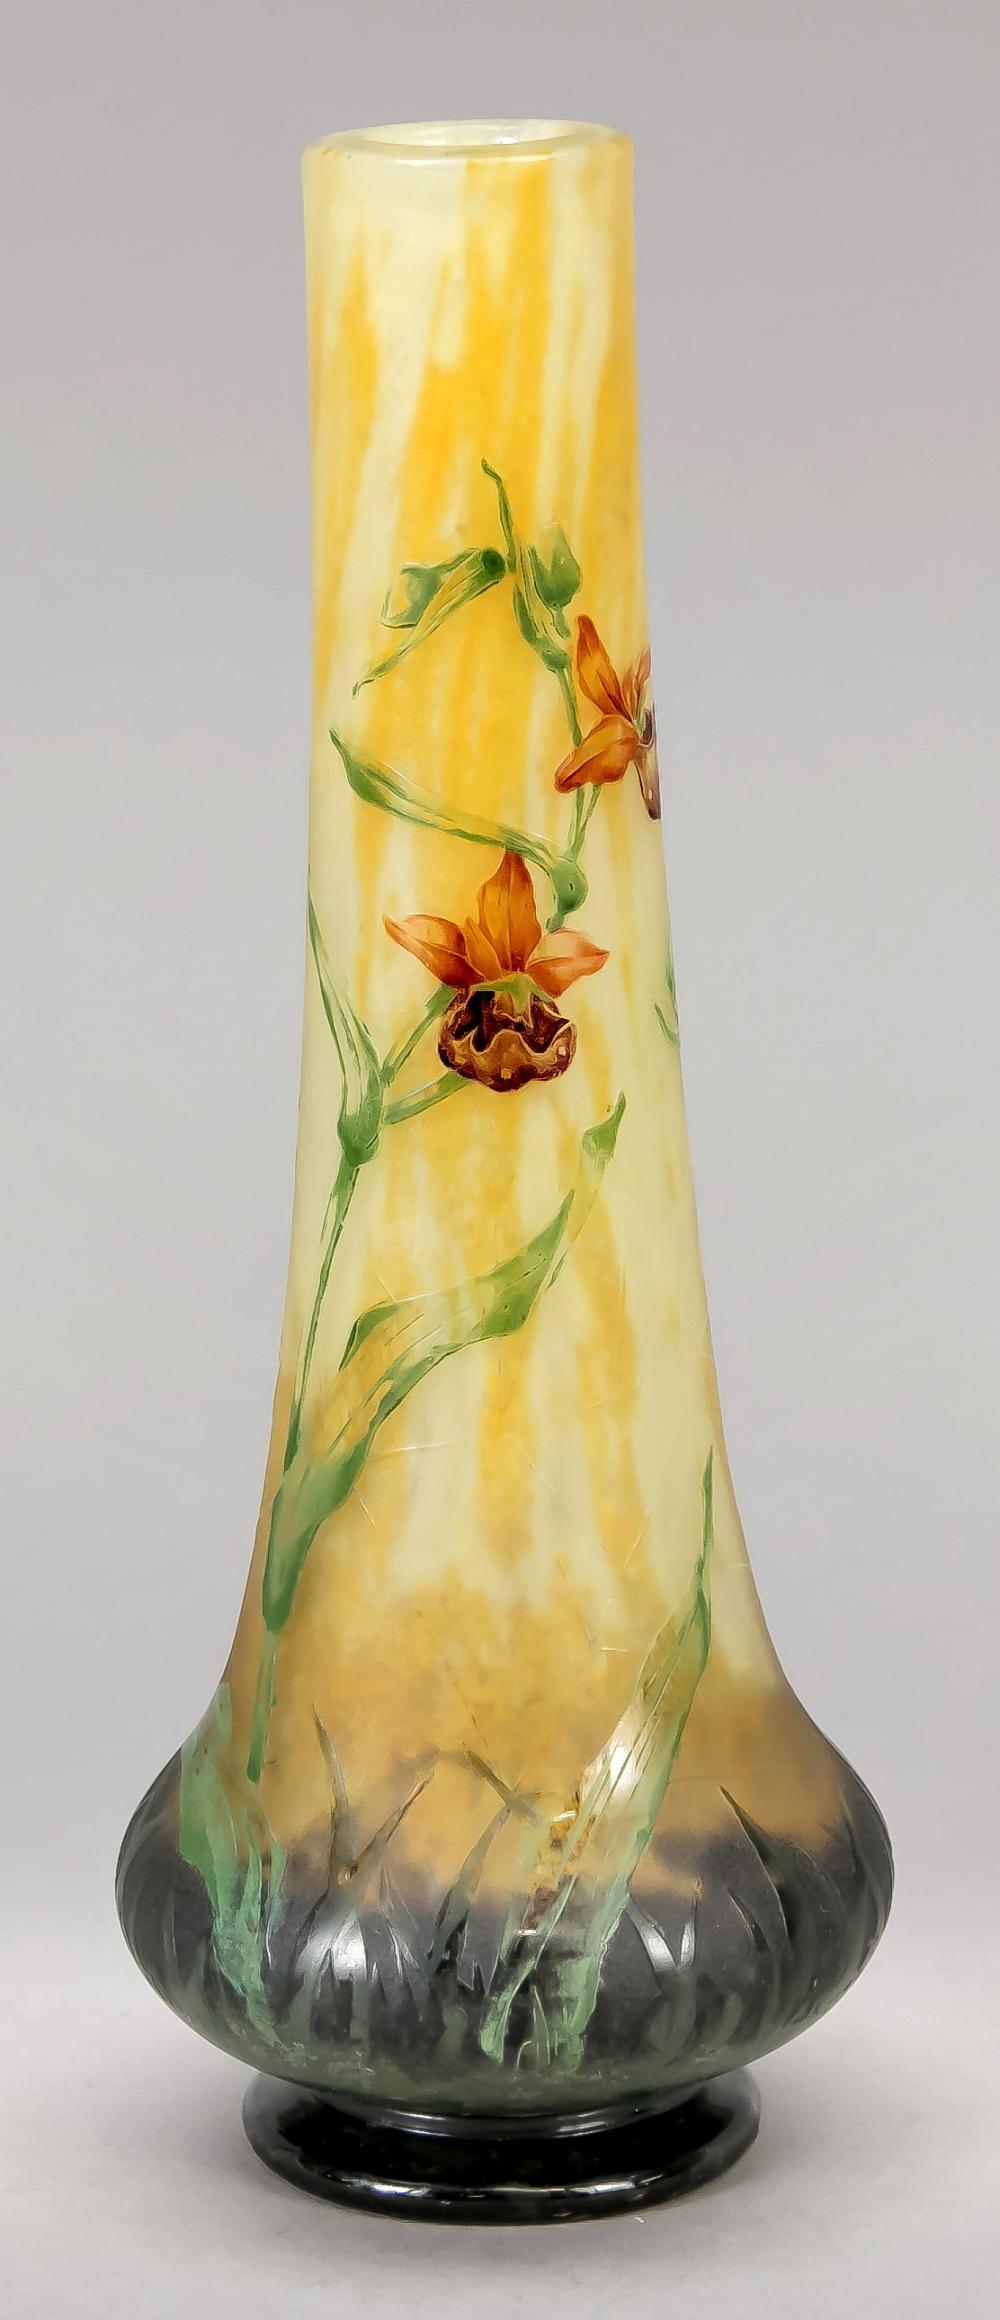 Art Nouveau vase, France, c. 1